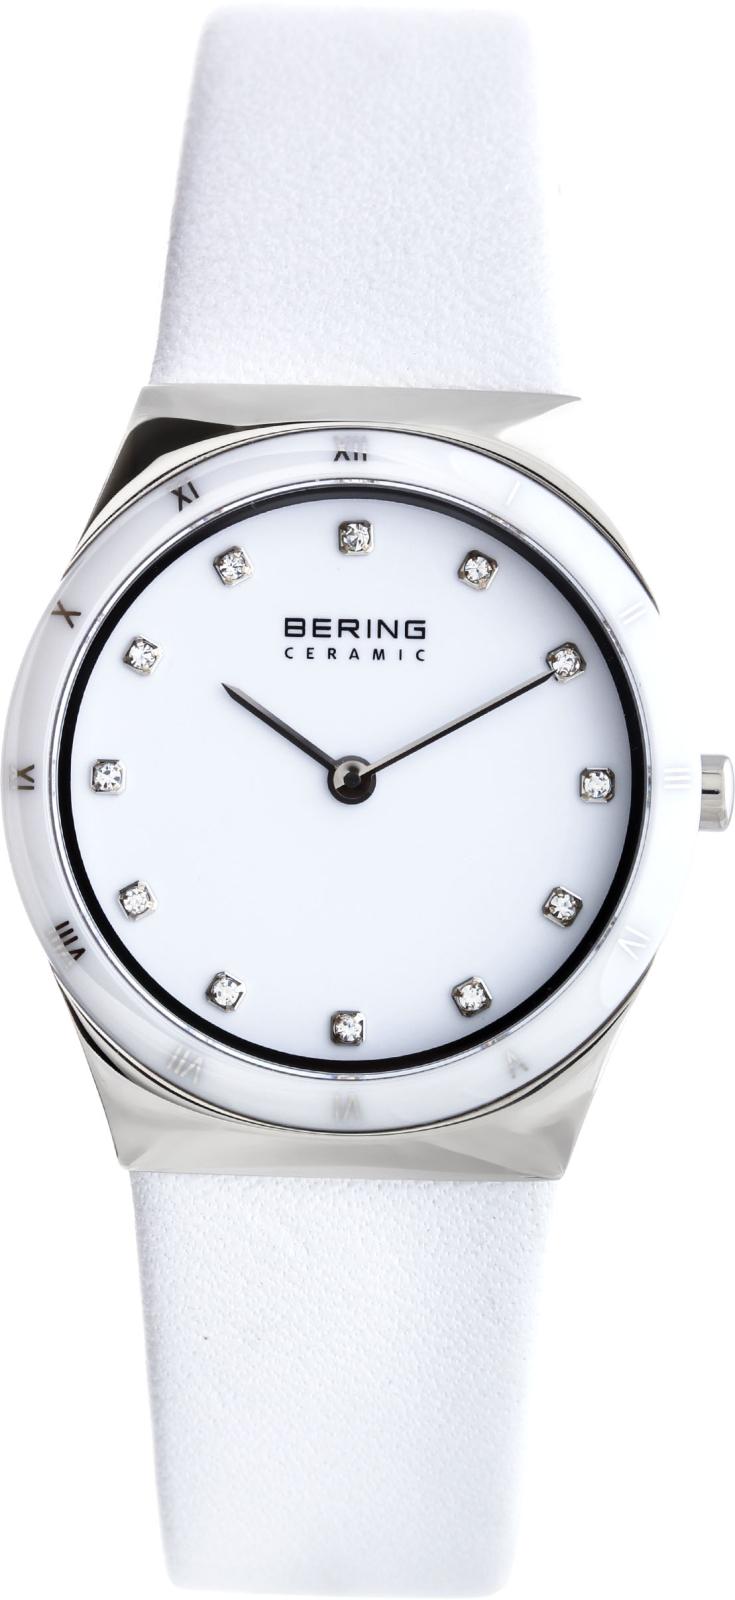 Bering Ceramic 32230-684 от Bering